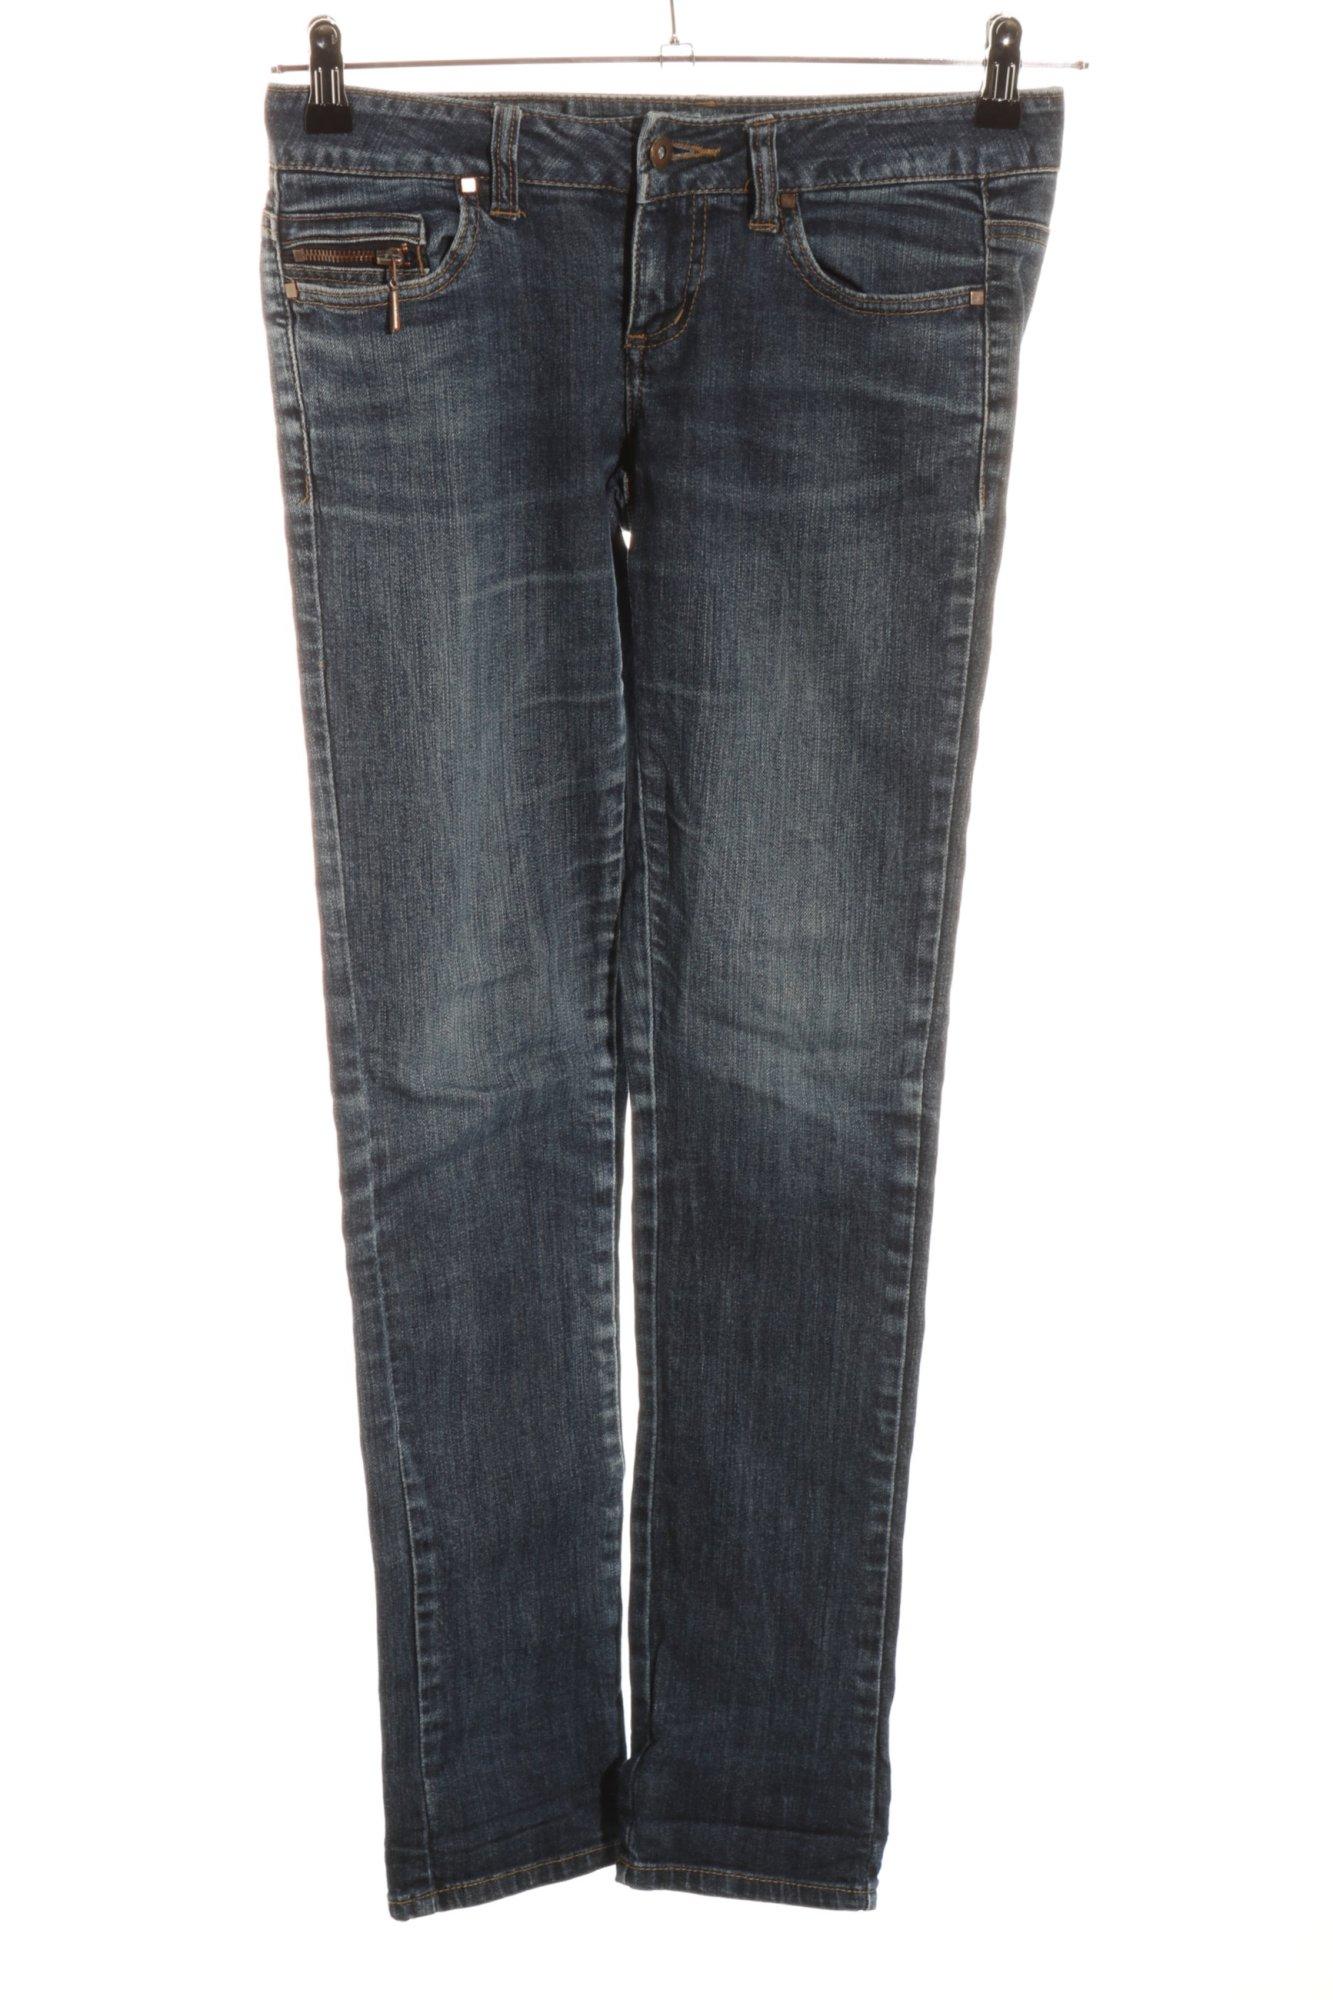 ONLY-Jeans-taille-basse-gris-clair-gradient-de-couleur-style-decontracte-Dames